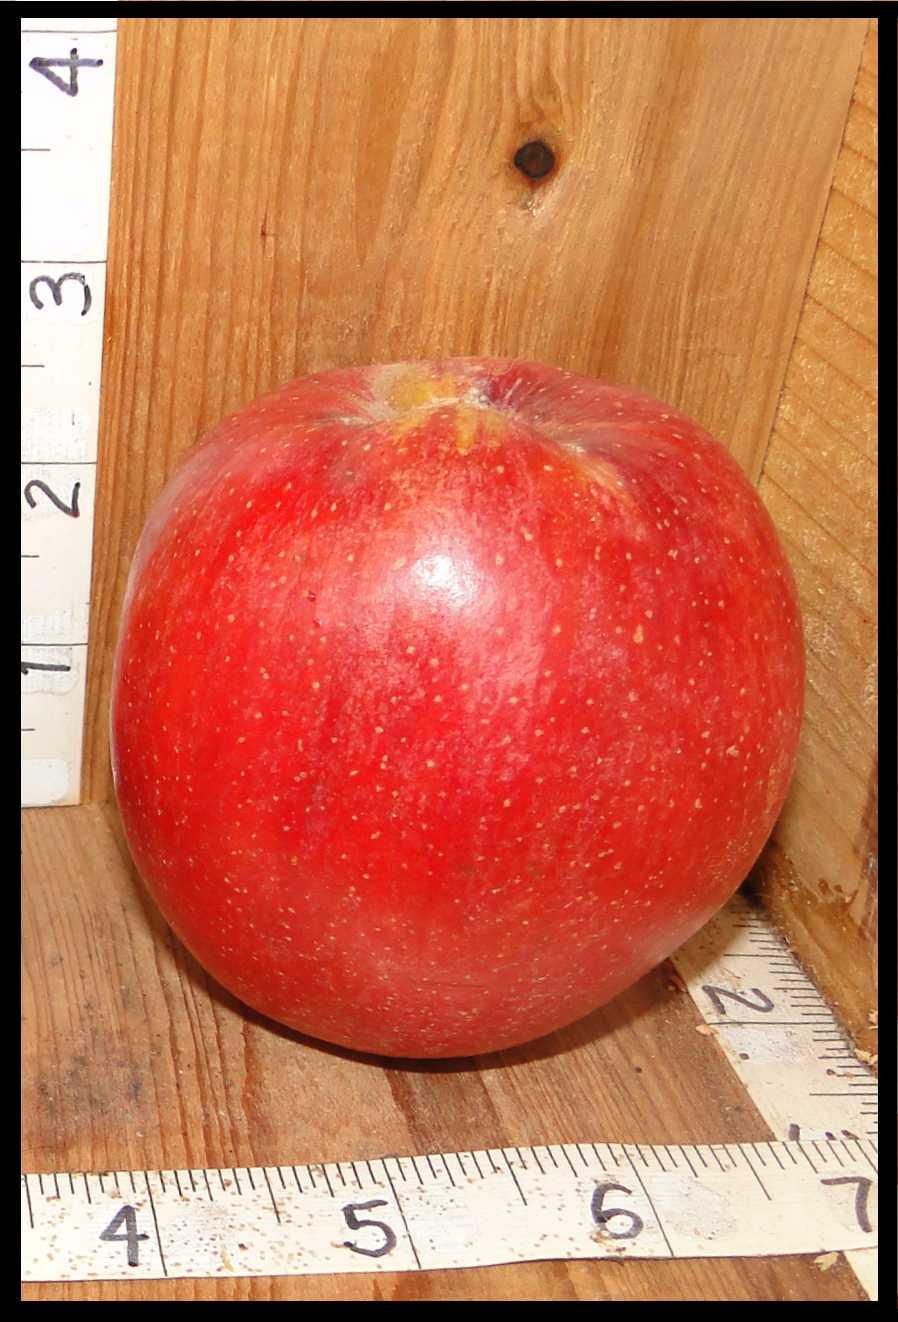 round red apple